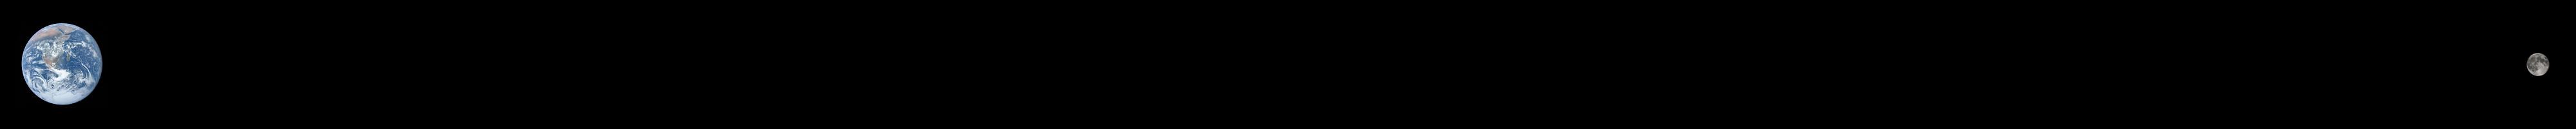 Système réduit Terre-Lune: distance et diamètres proportionnels